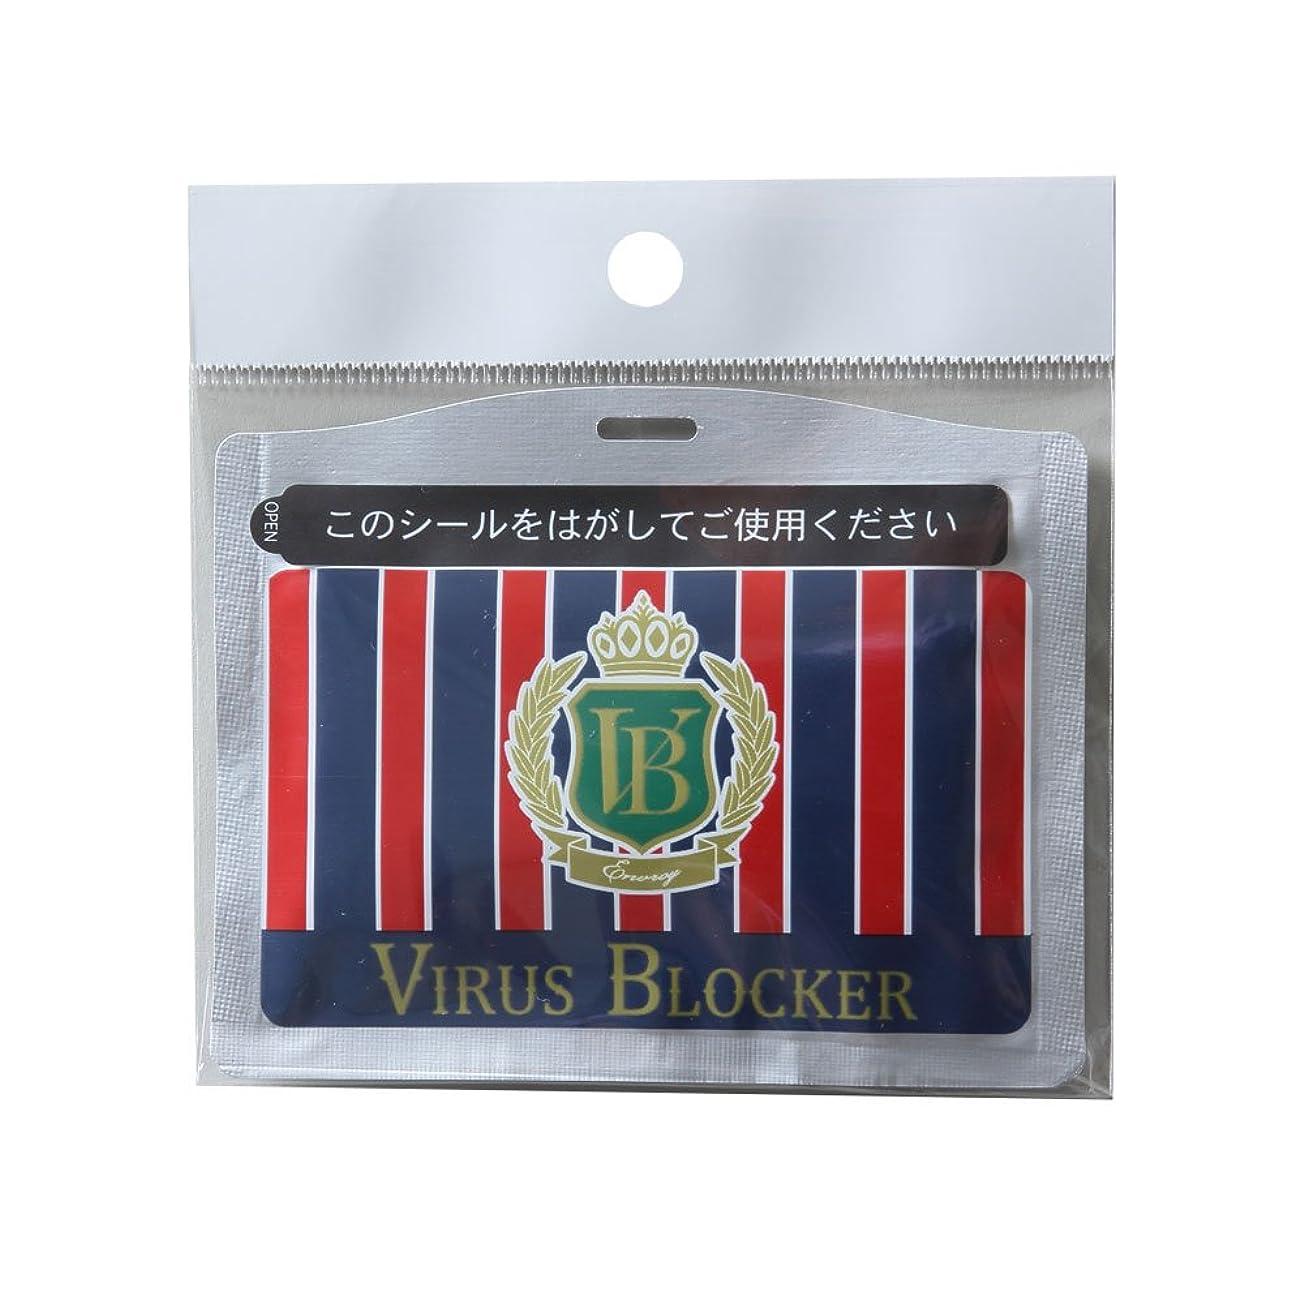 驚いた傷跡学校ウイルスブロッカーVB トラッド レフィル (CLA48)